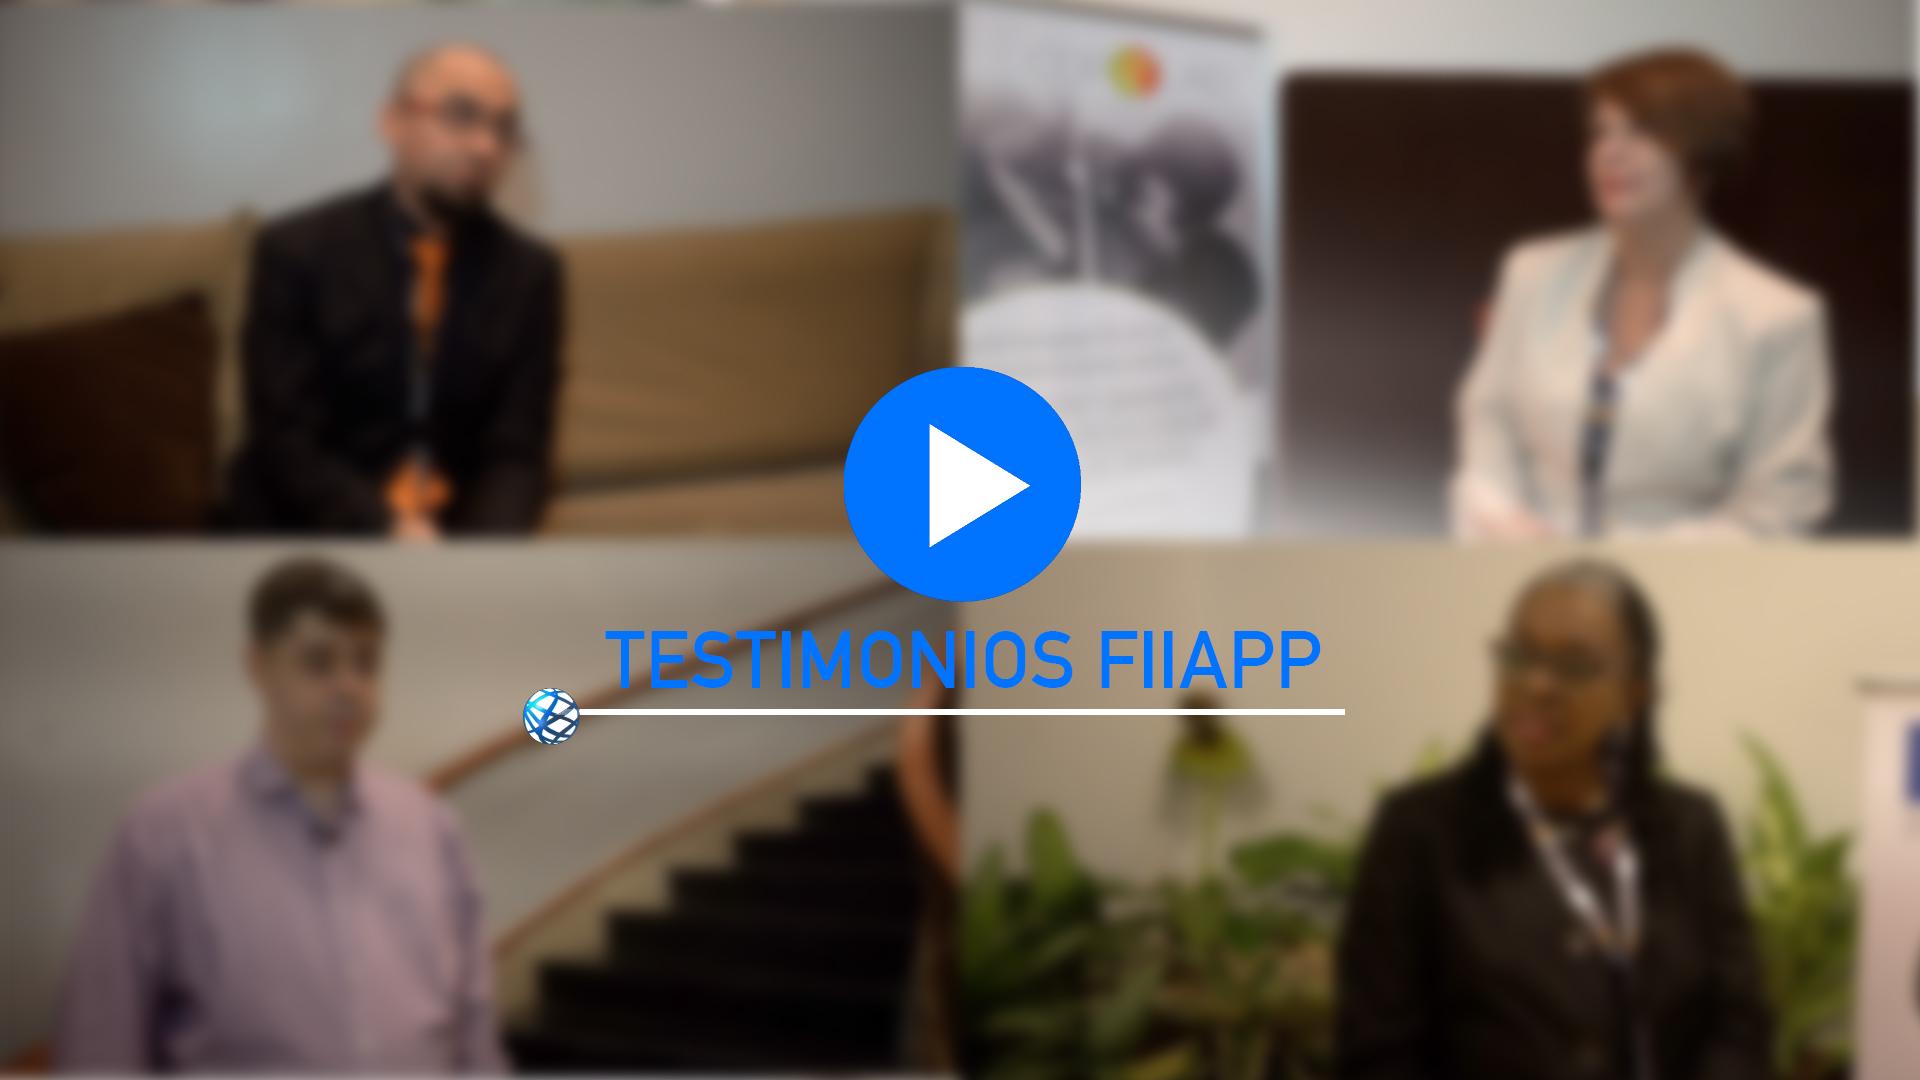 Testimonios FIIAPP: Reducción de la demanda de drogas